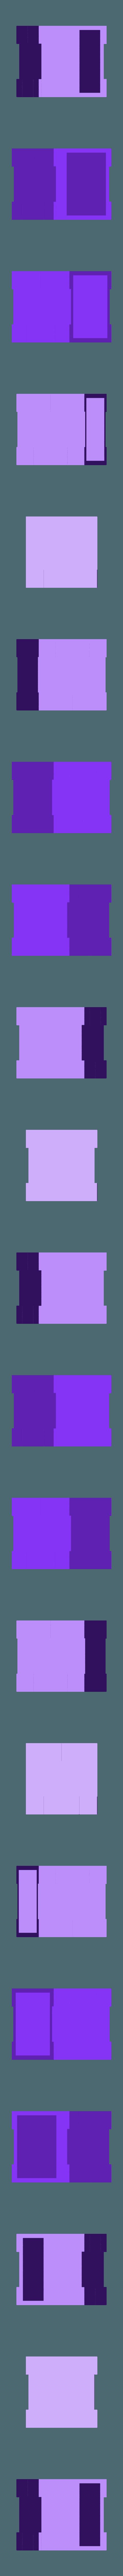 cupboard.stl Download free STL file small box • 3D printable object, solunkejagruti